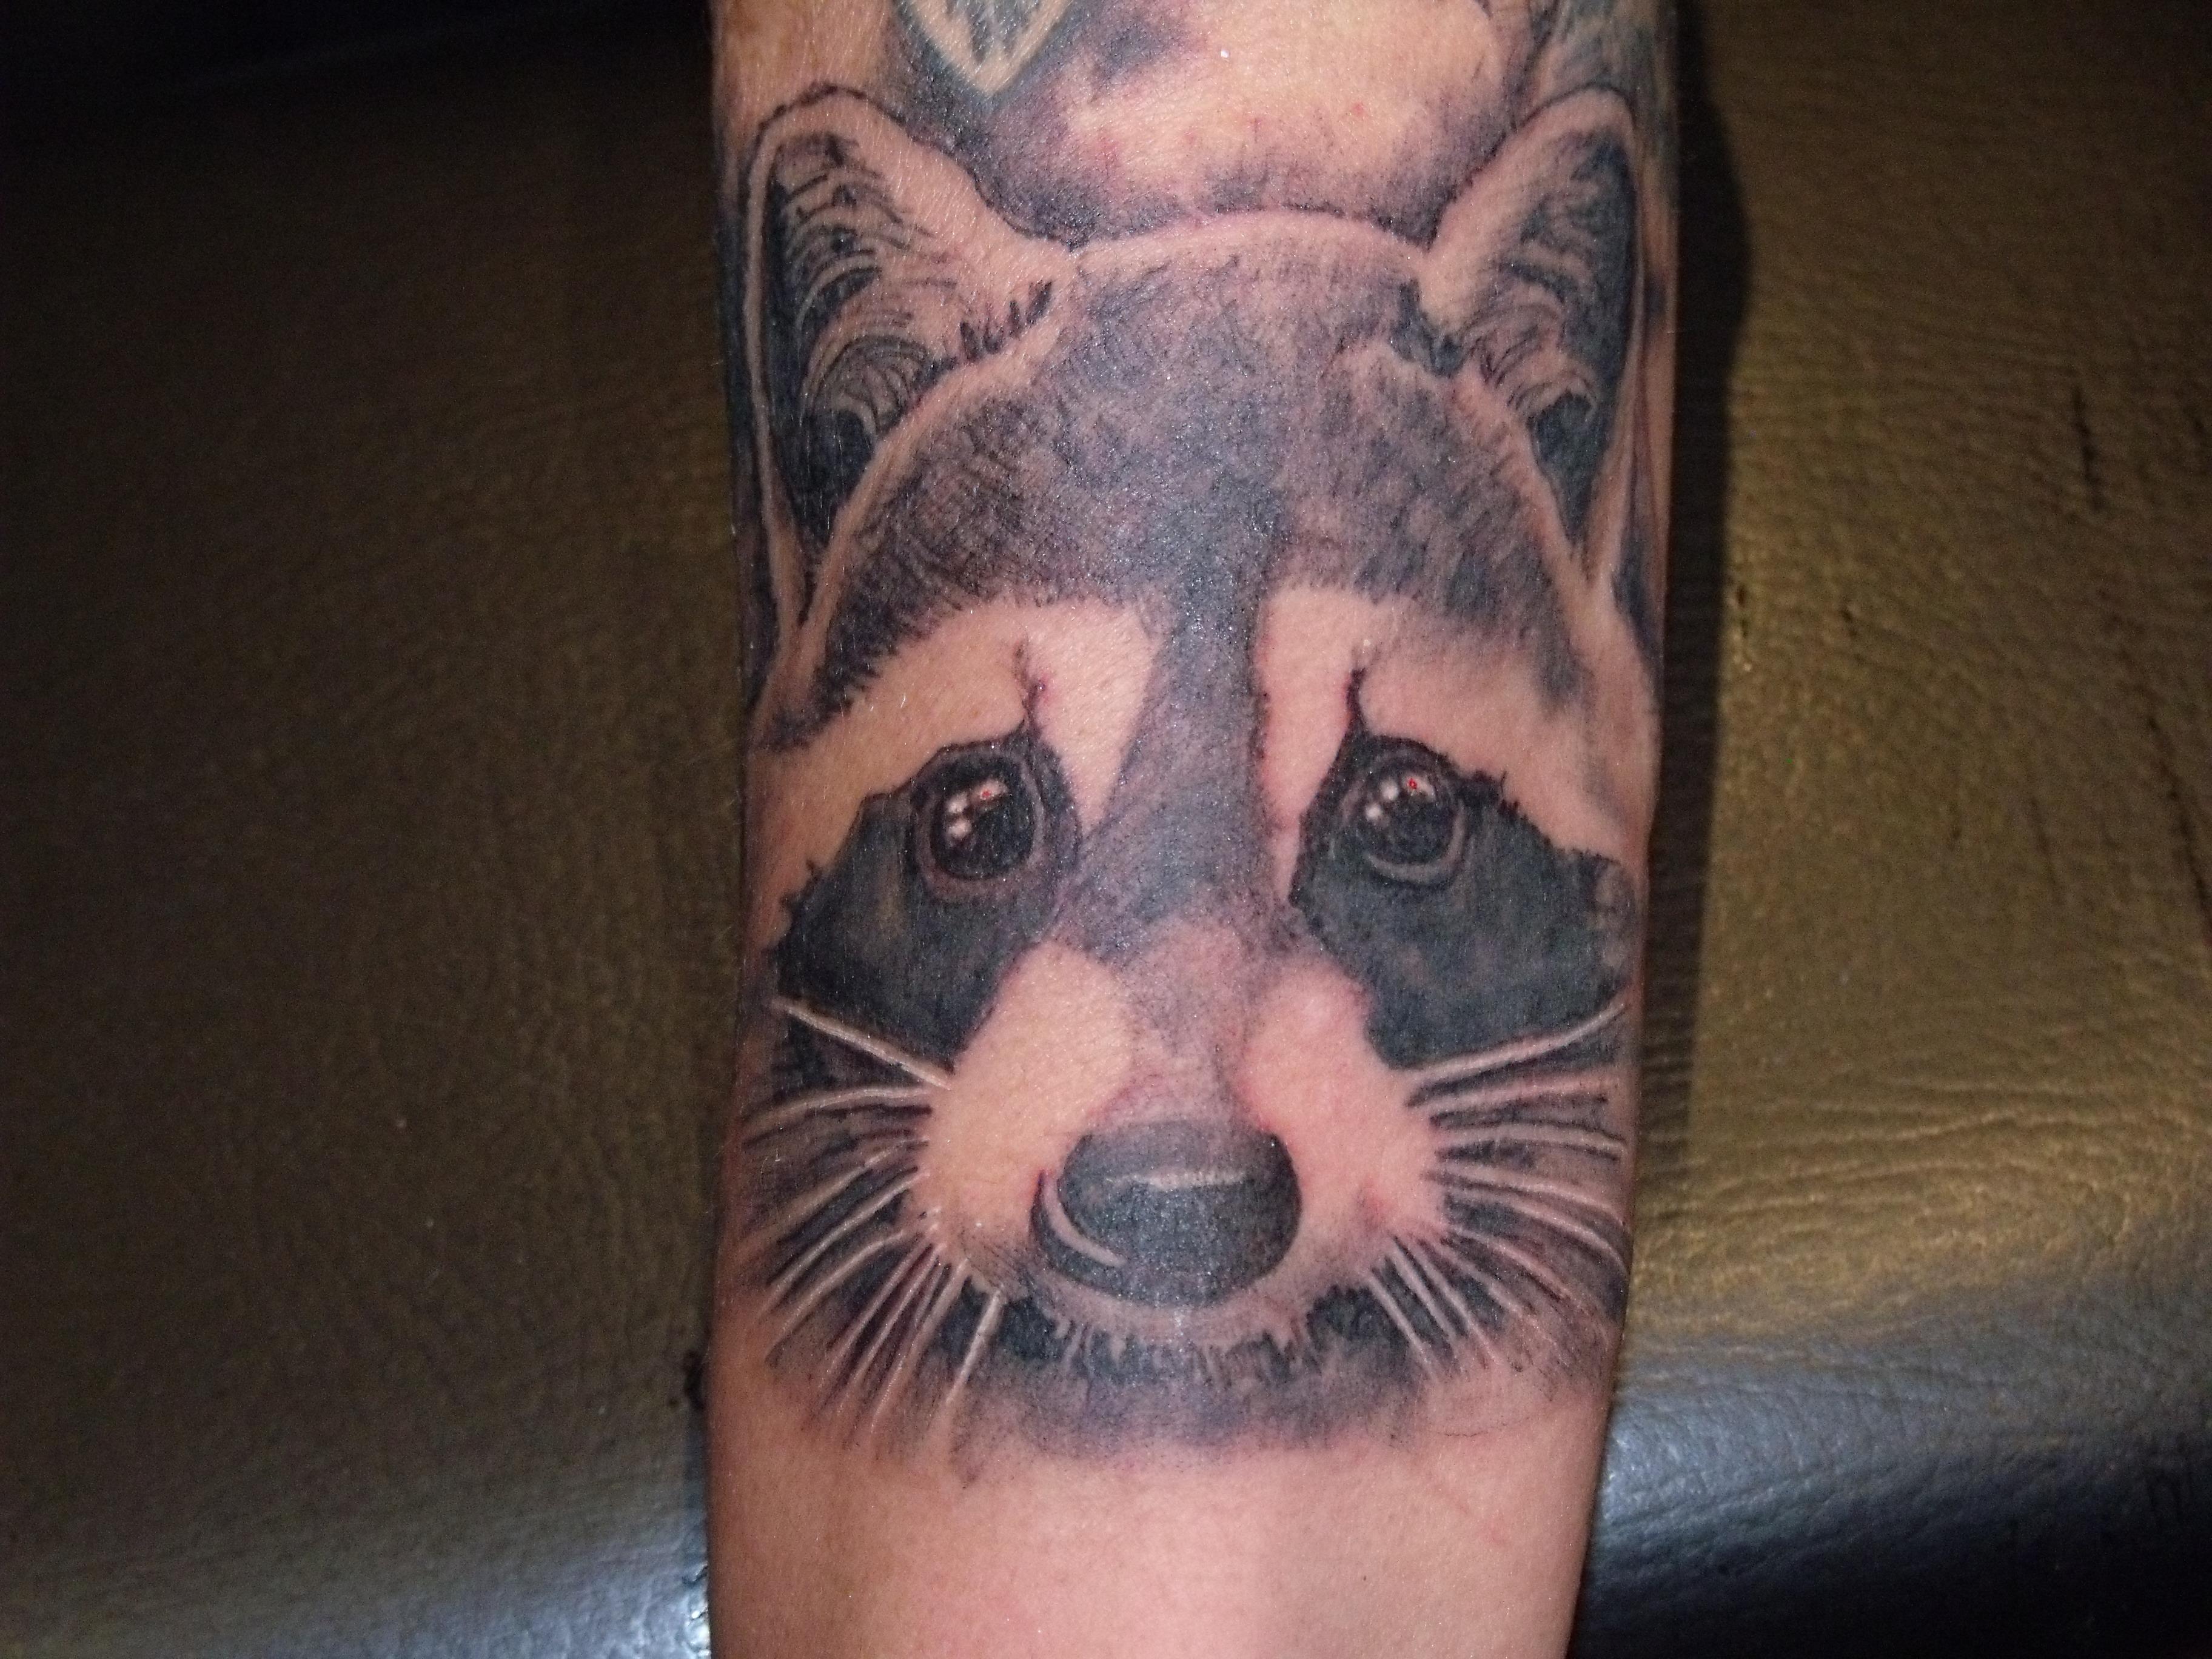 eeba3c1f6 Cute raccoon arm tattoo - | TattooMagz › Tattoo Designs / Ink Works ...